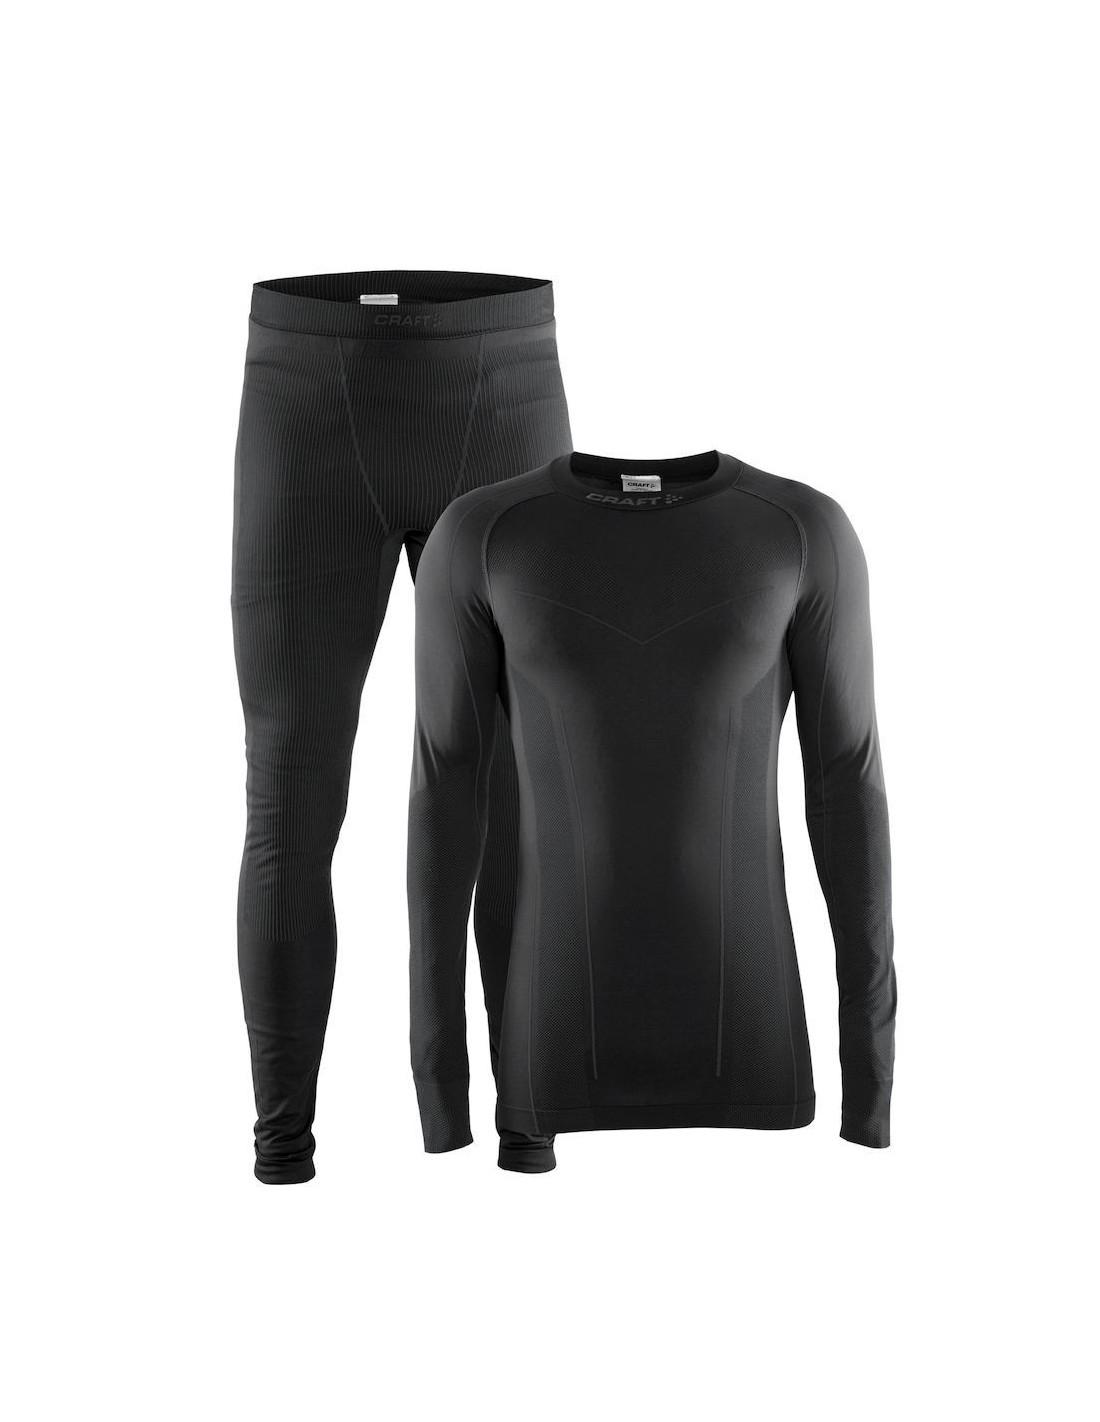 d59d838089ed3a Koszulka i spodnie termoaktywne męskie Craft Baselayer SeamLess Zone ...